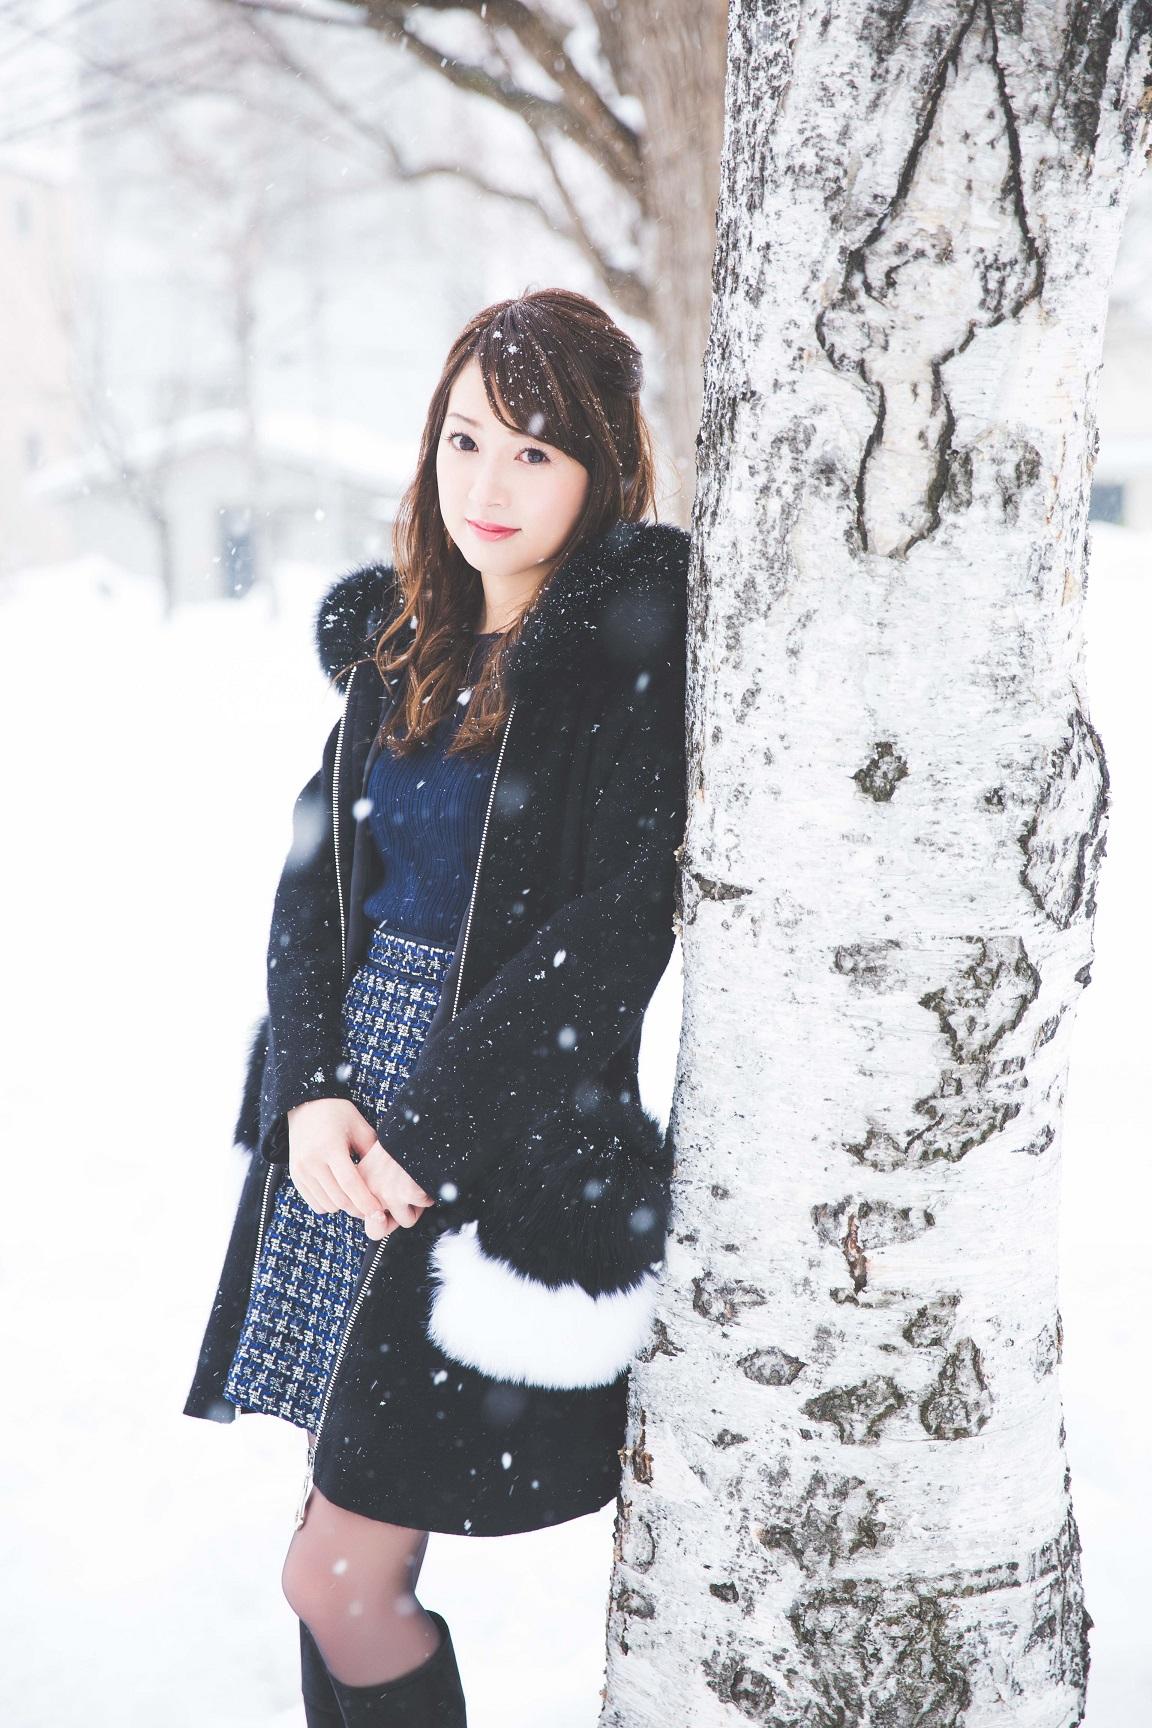 sakuragi_yuu_s_t_03